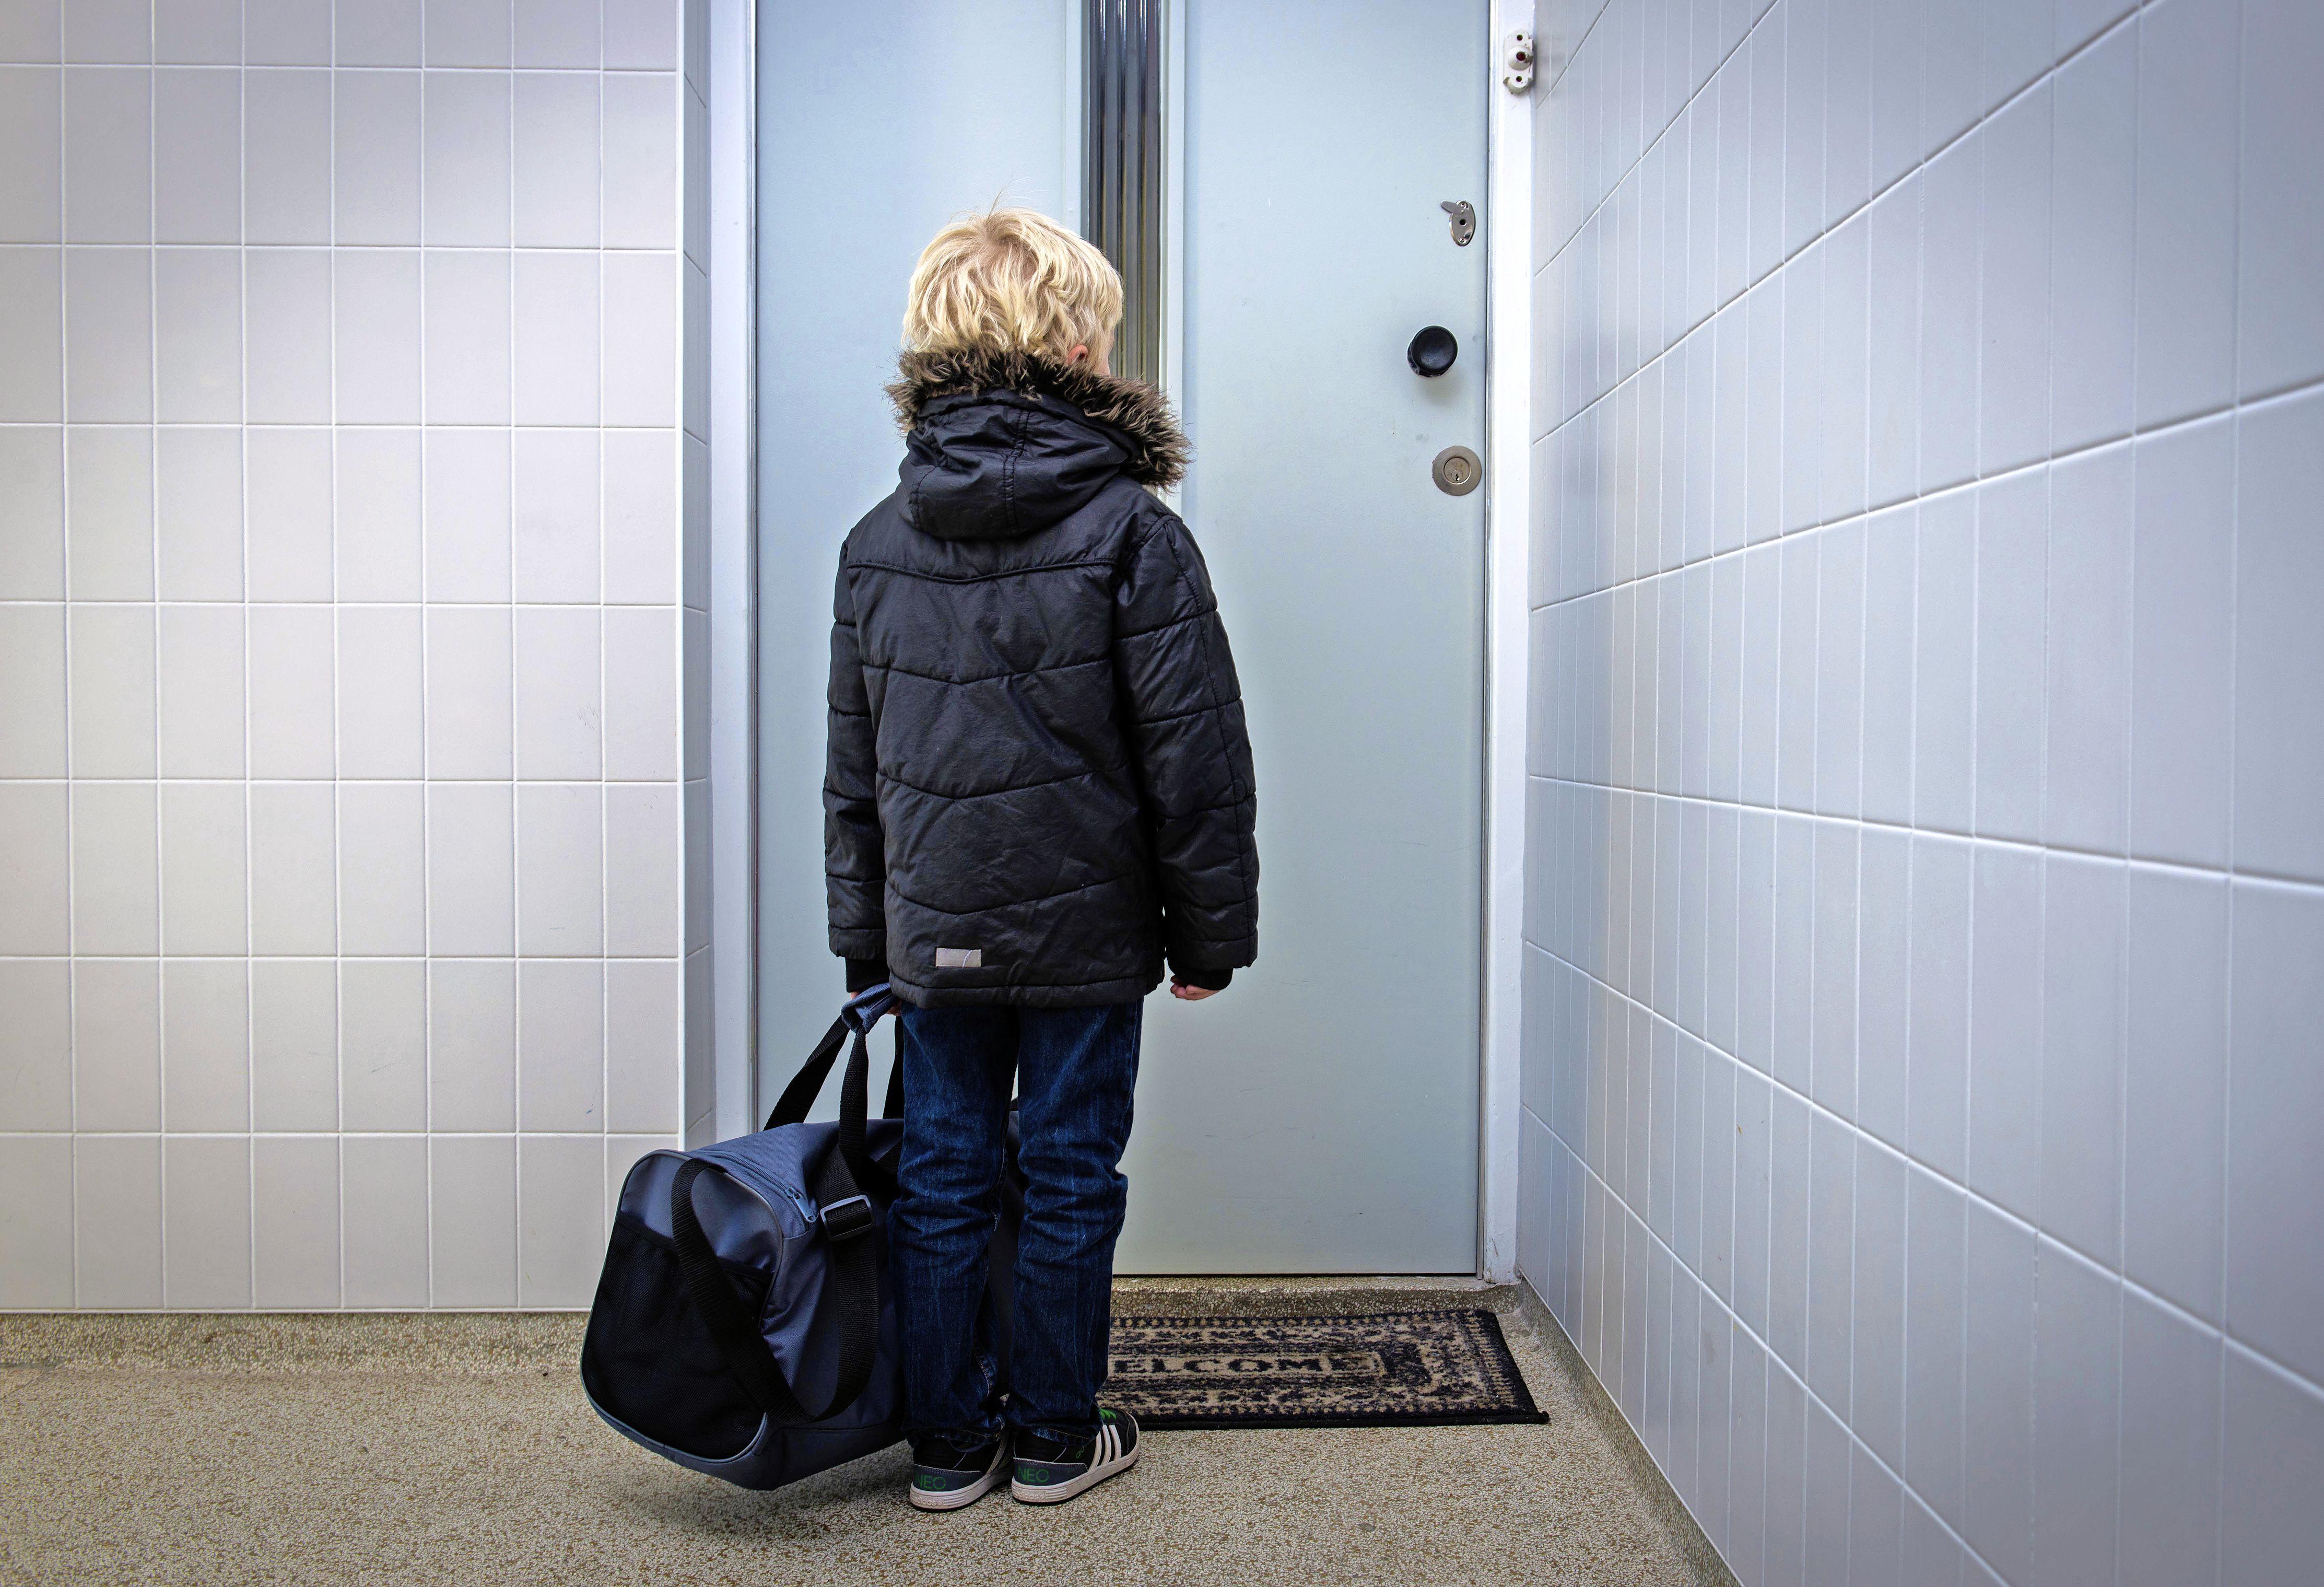 Wachtlijst jeugdzorg Eemnes kan wachten tot na de zomer; Raadsmeerderheid wil betere invulling specialistische zorg